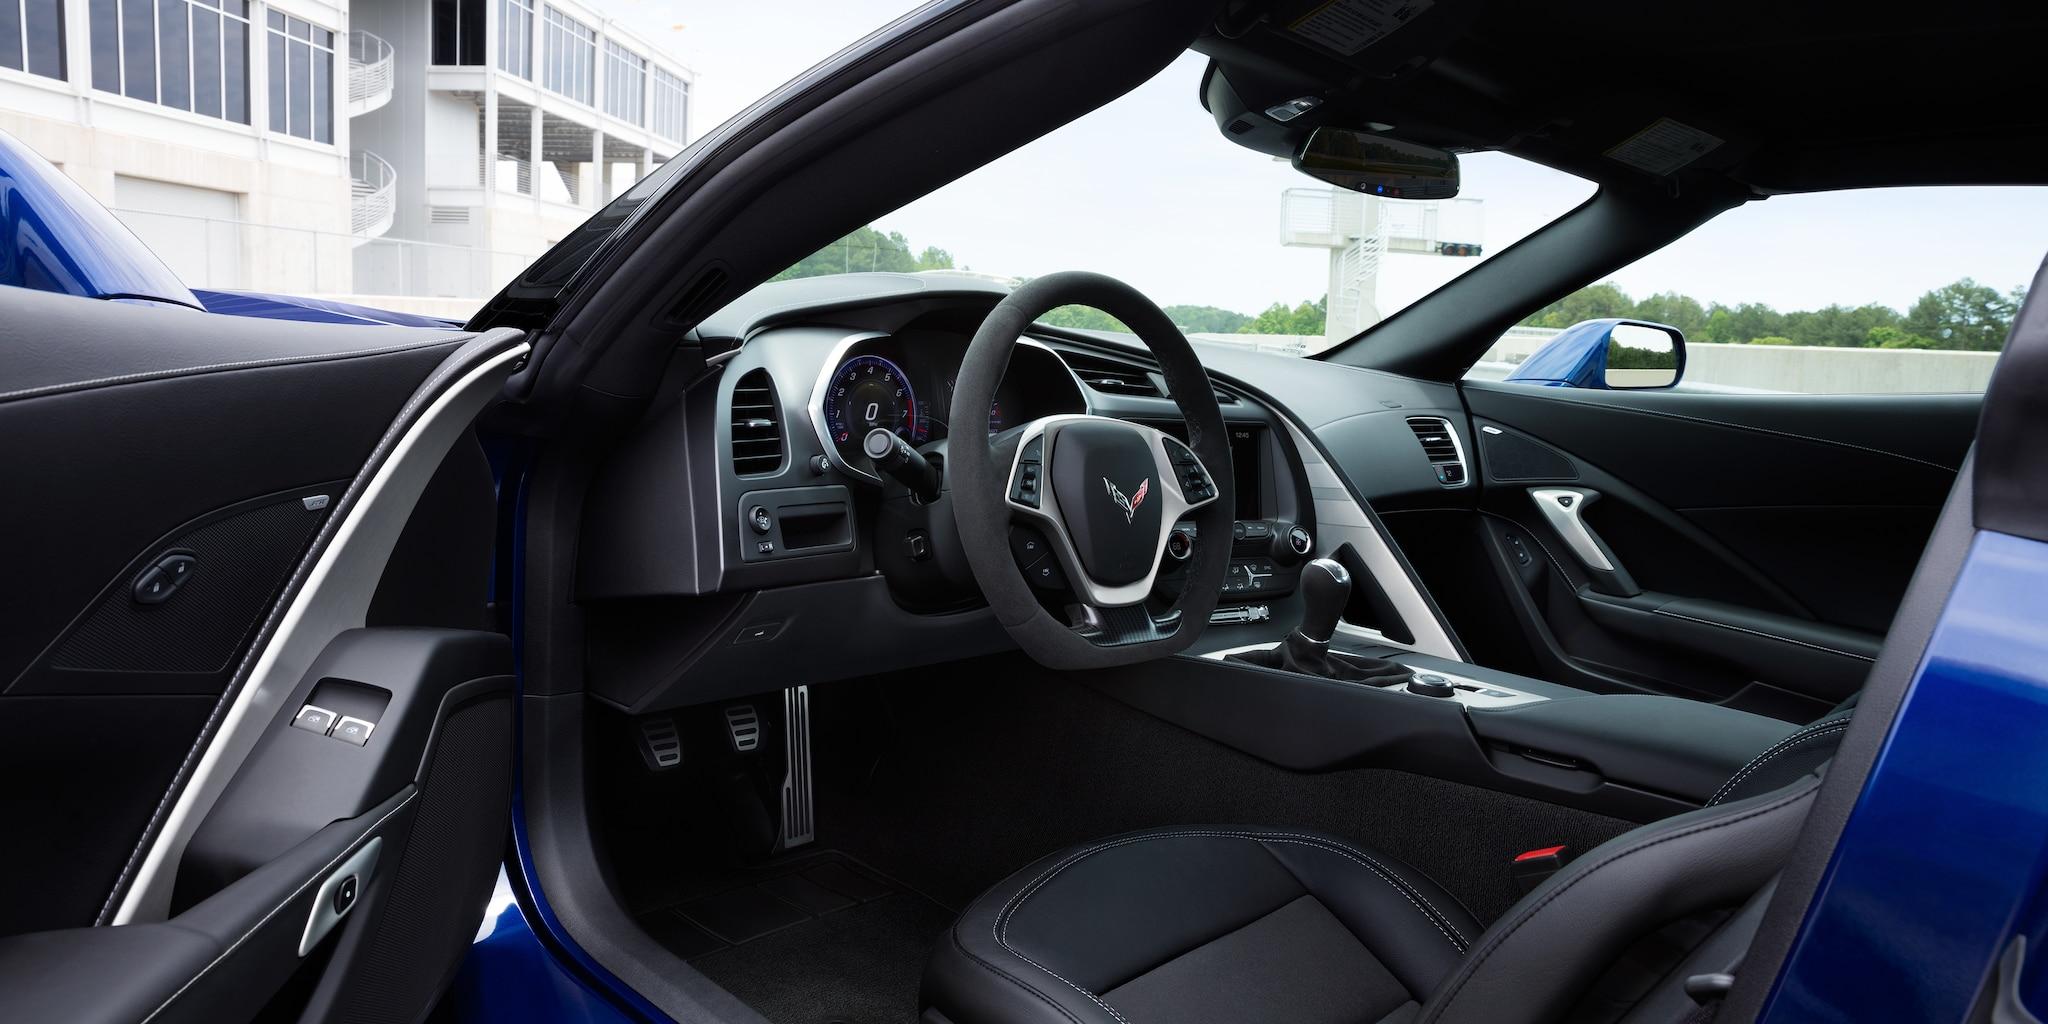 Diseño del auto deportivo Corvette Grand Sport 2019: interior